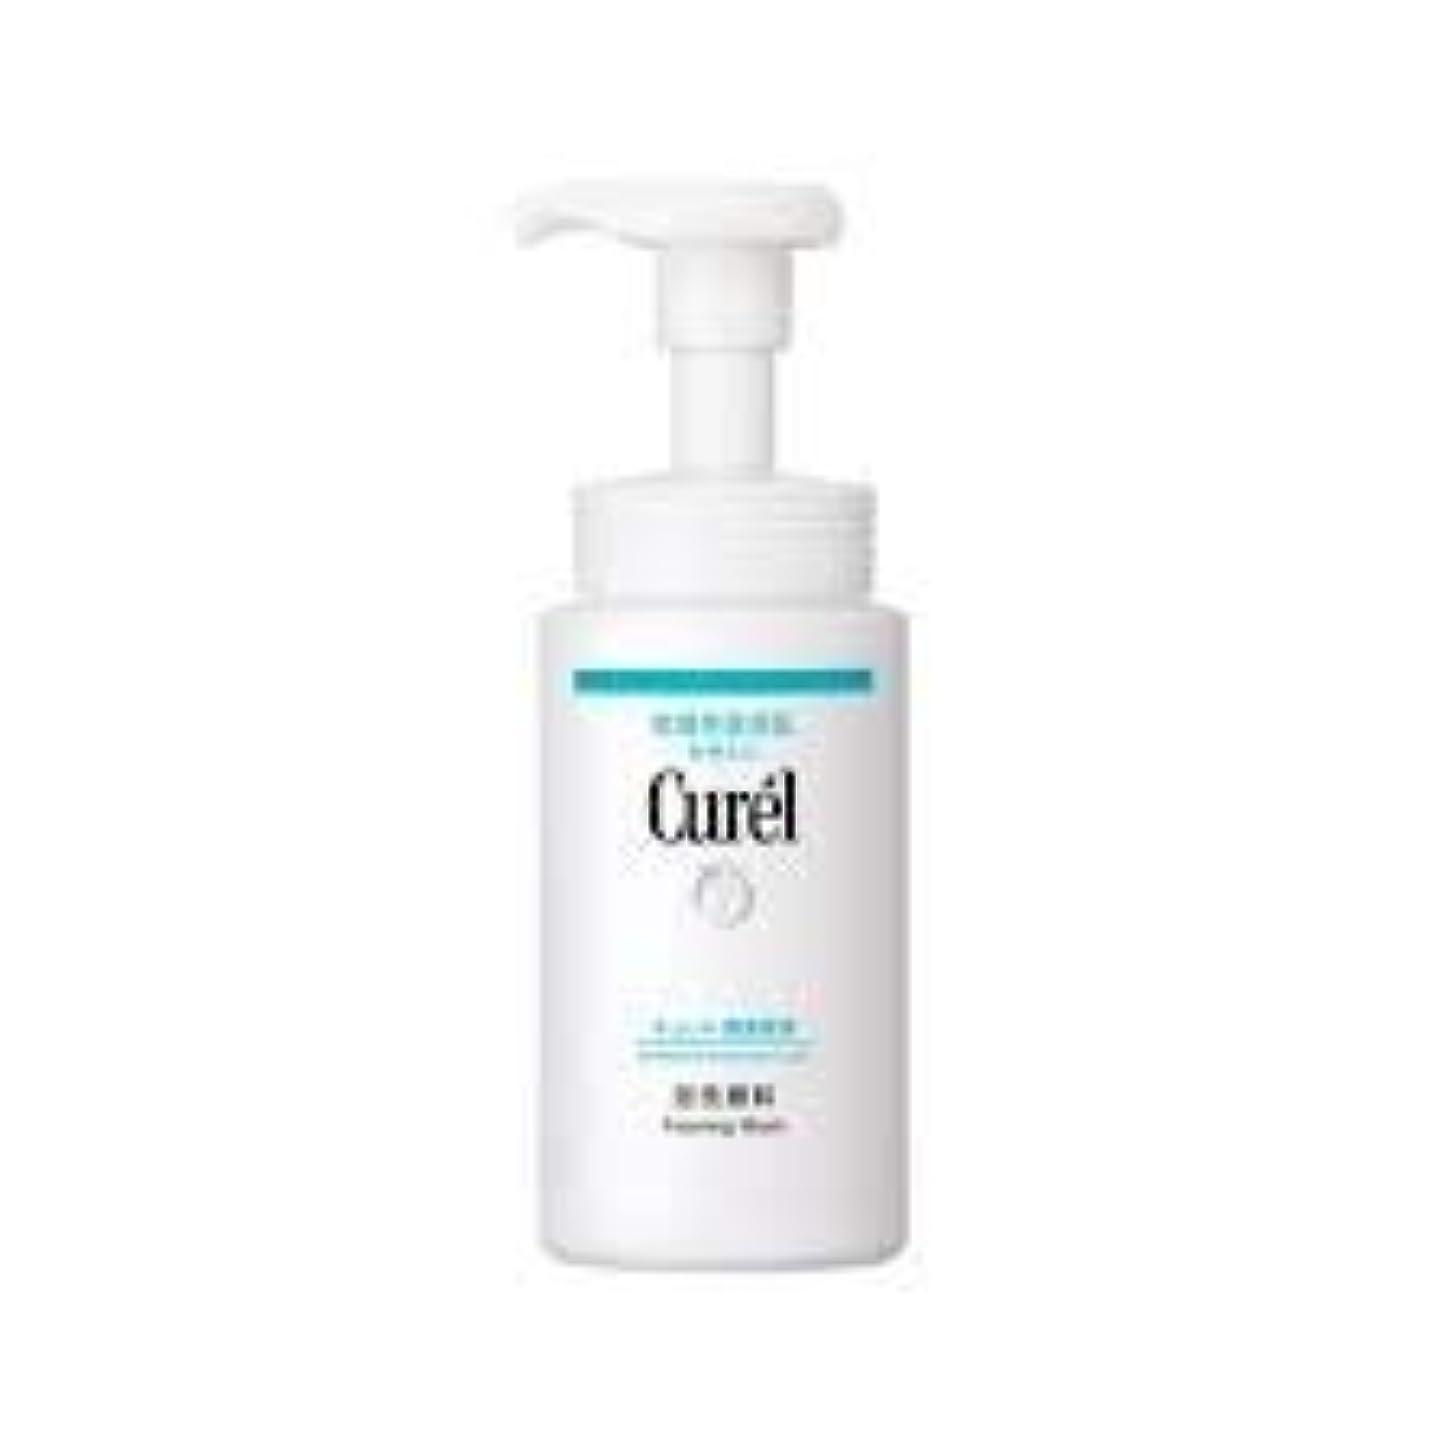 再発する顕著が欲しいCurél キュレル集中治療保湿泡風呂ゲル150ミリリットル - セラミドの保護や食材を清掃含まれ、皮膚に圧力を最小限にします